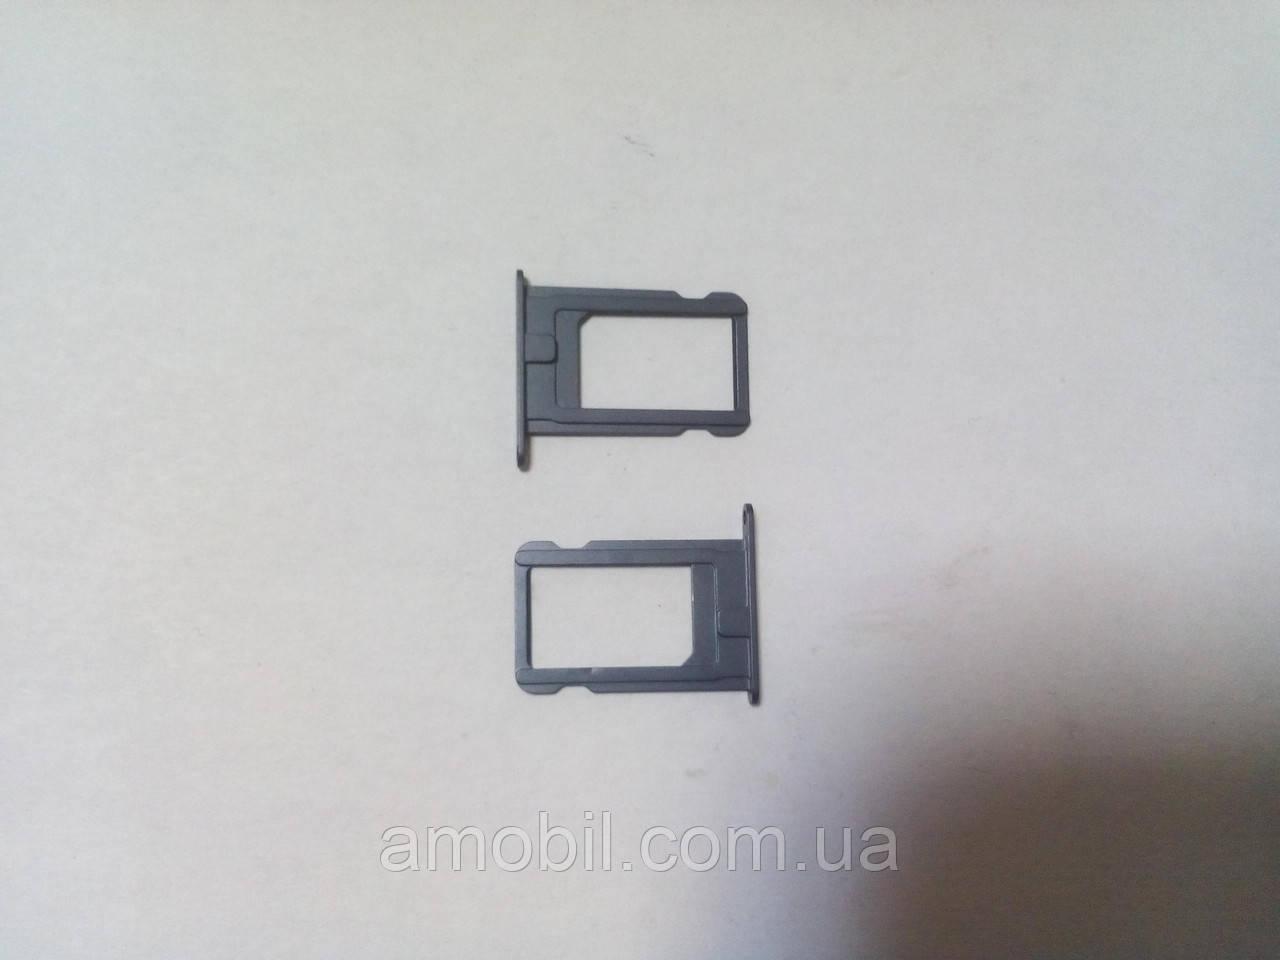 Sim держатель (лоток) для iPhone 5 orig